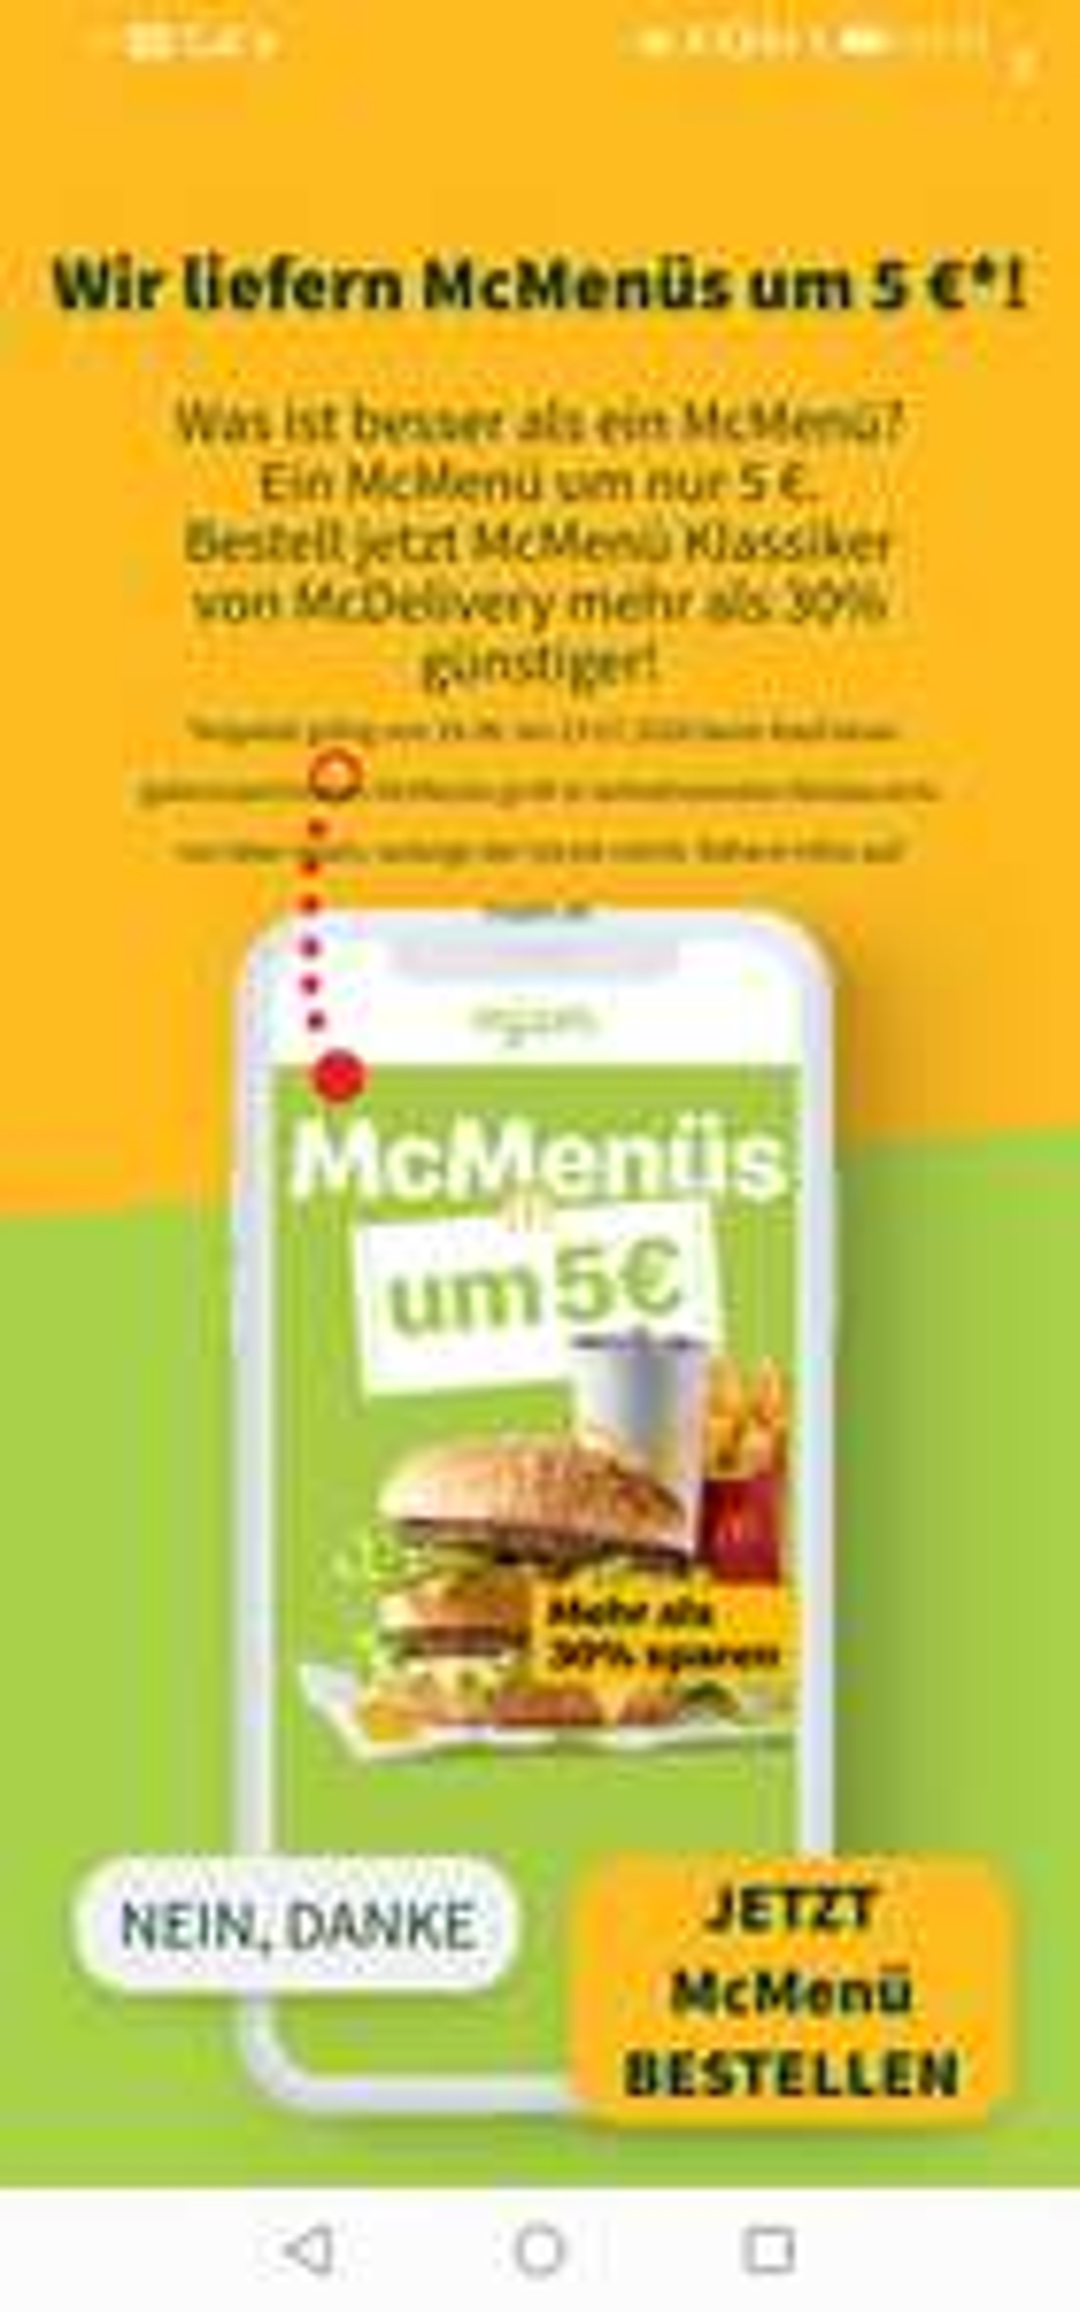 5€ Mcmenüs bei Mjam